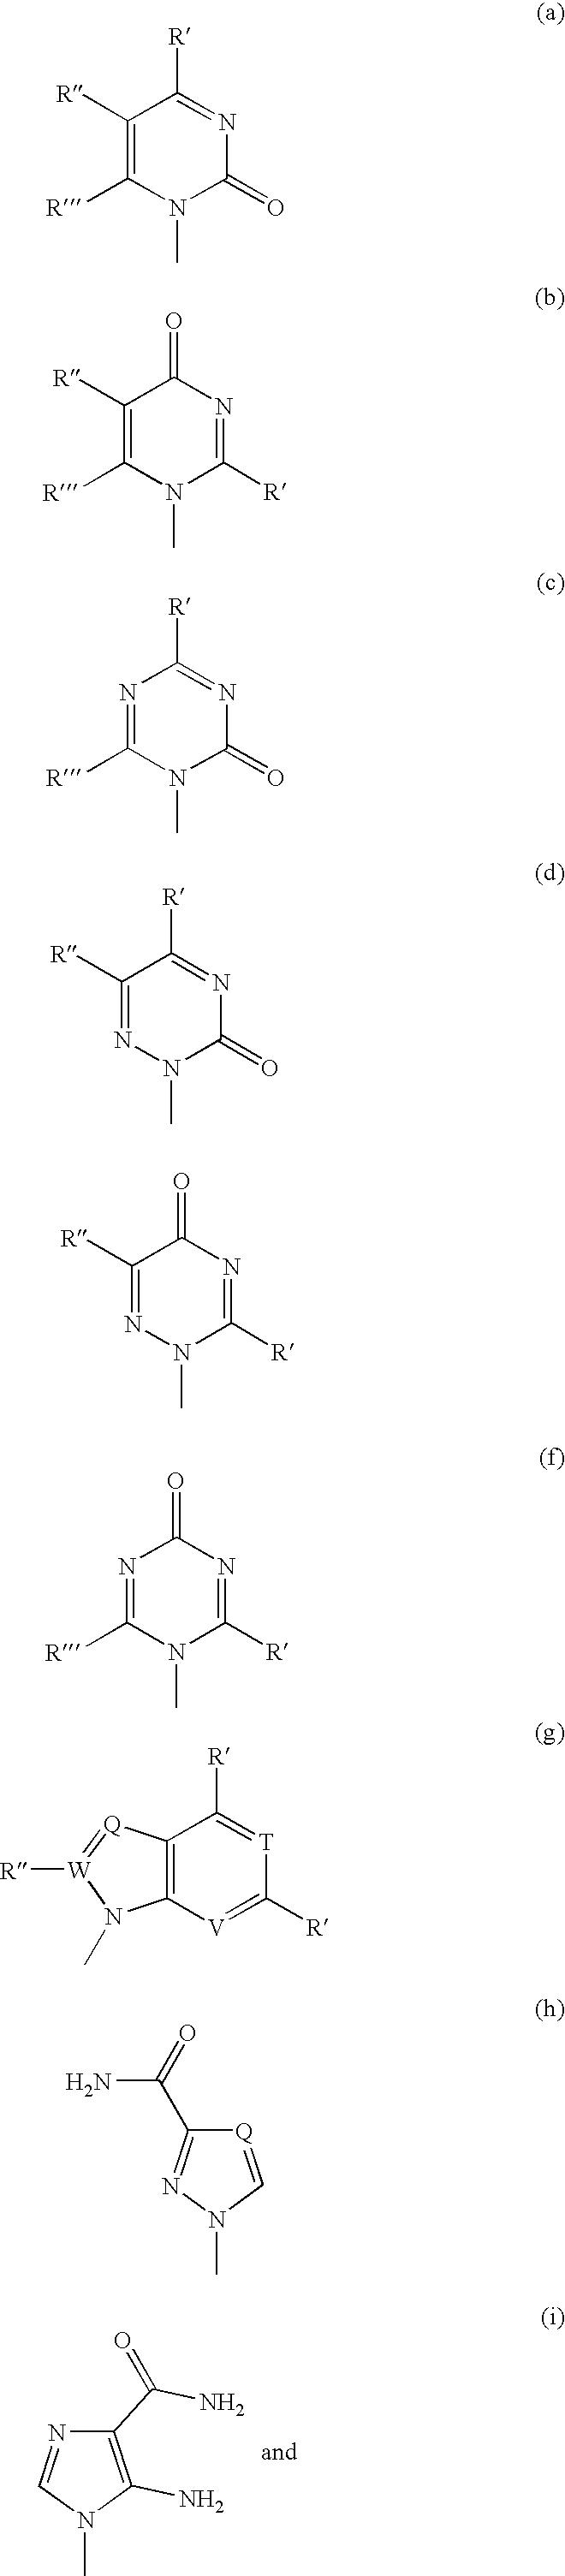 Figure US07608600-20091027-C00053